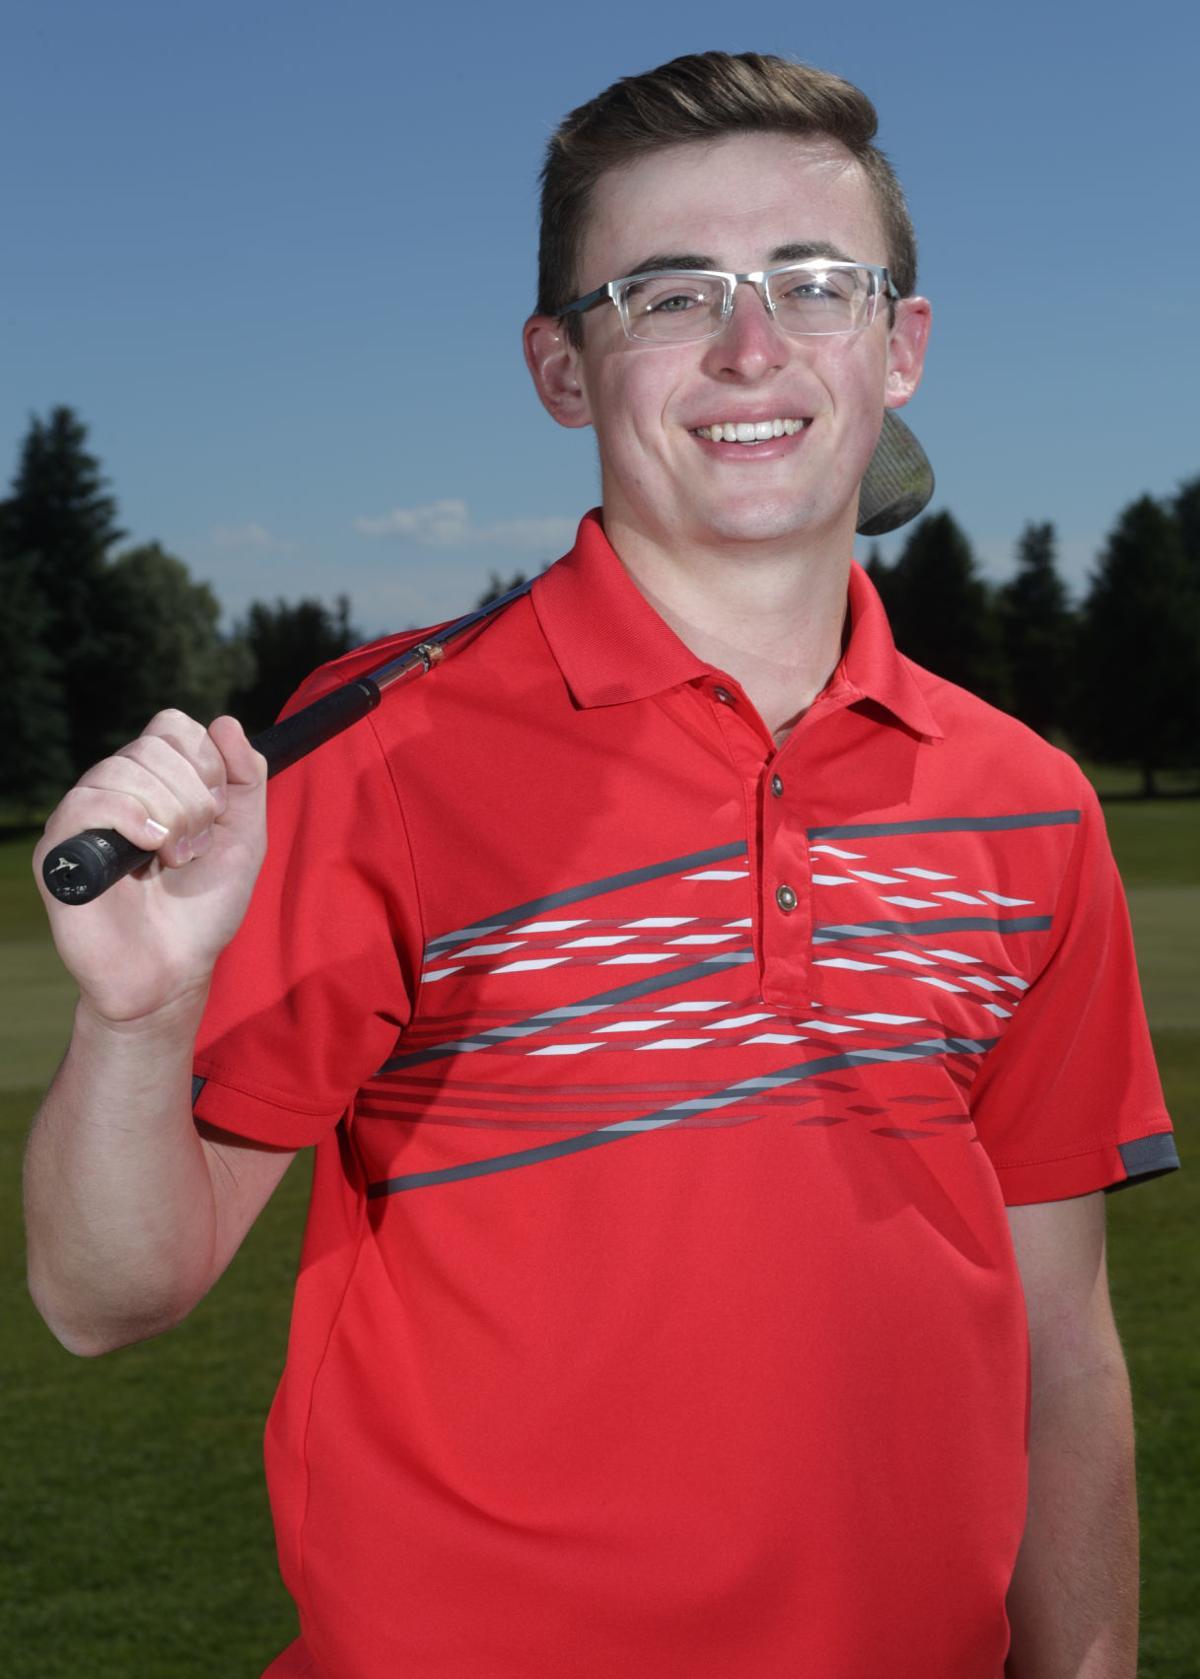 Davis Weatherston golfer of the year